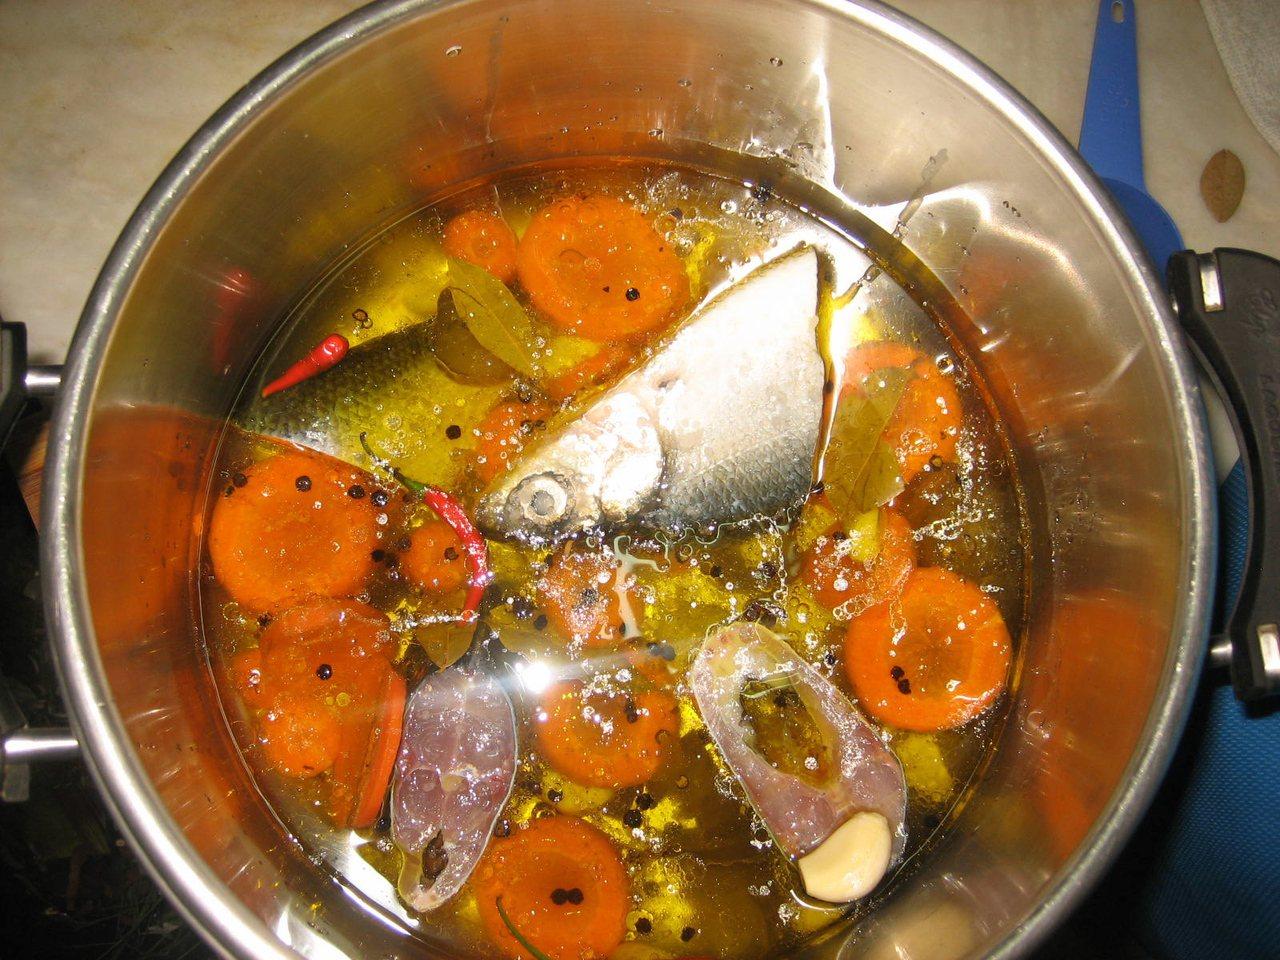 印尼以壓力鍋料理虱目魚。圖/取自domesticurbanite